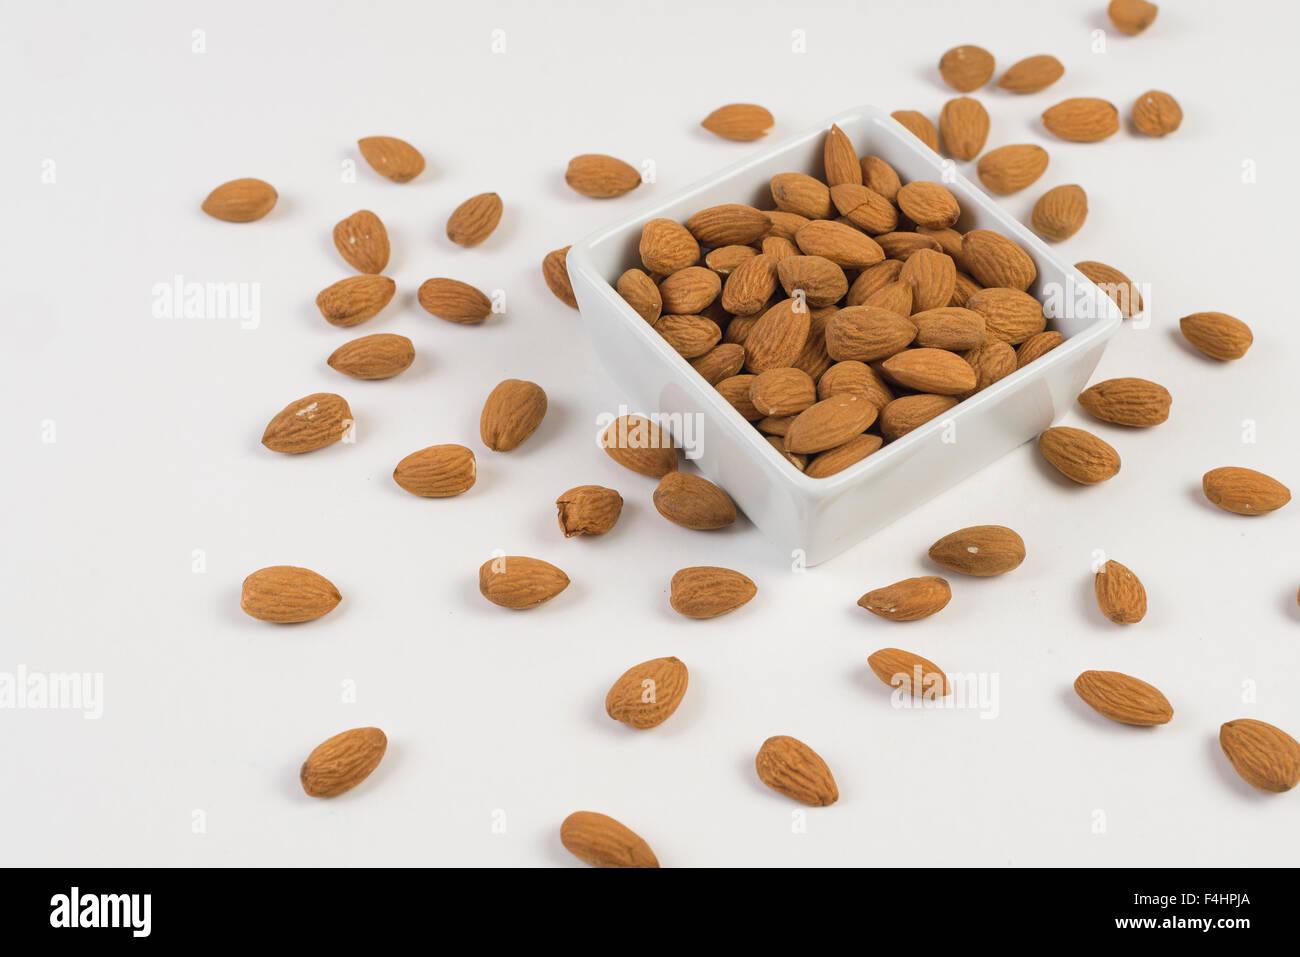 Almendras. frutos secos, buena salud y alimentacion. Buena comida Imagen De Stock